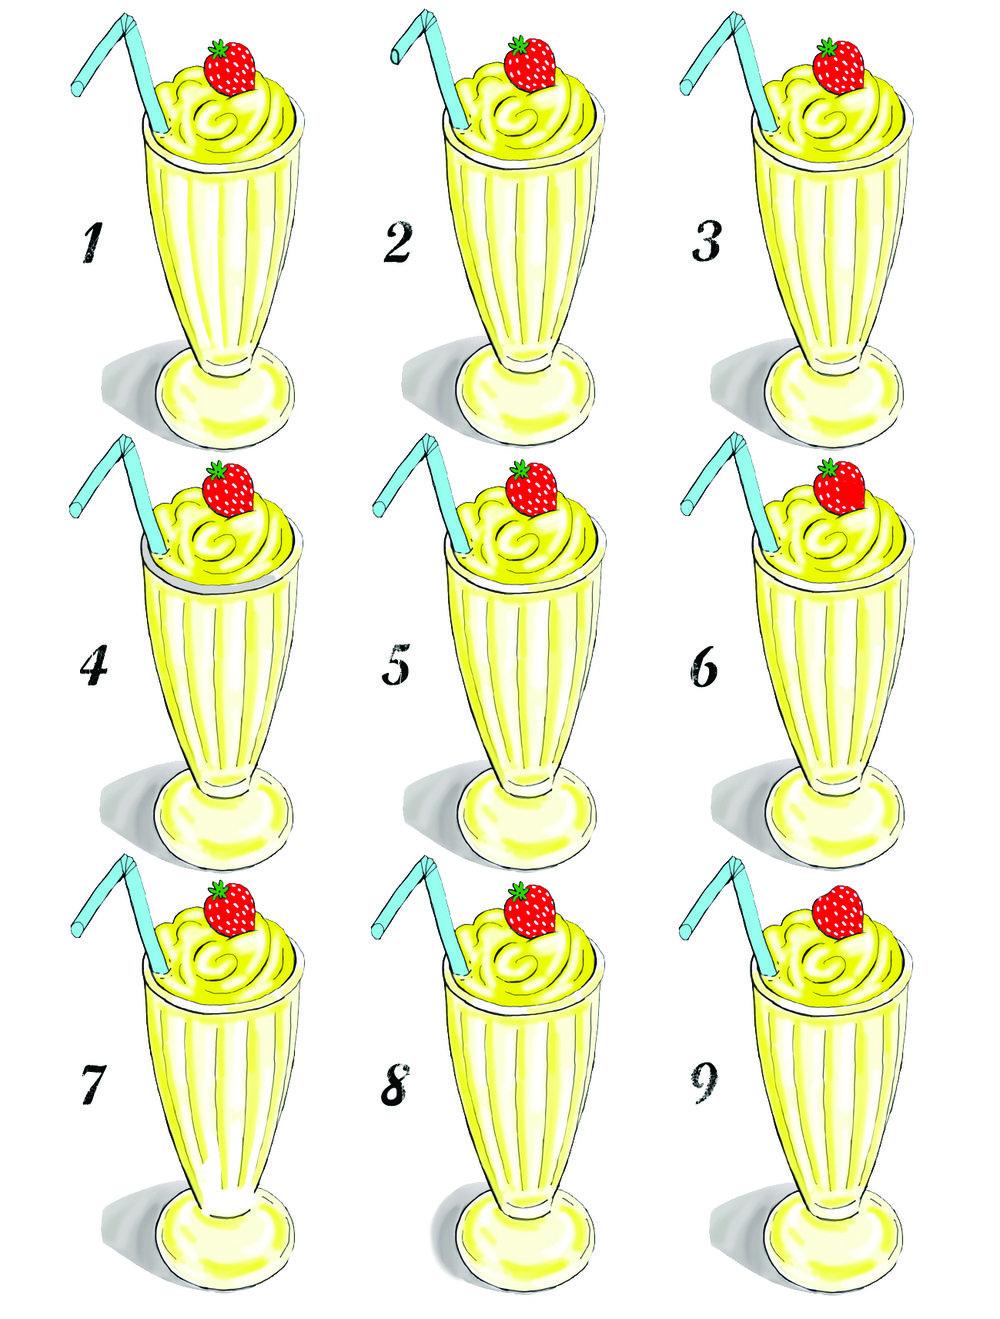 15_Koppelen - Milkshake (3=5).jpg